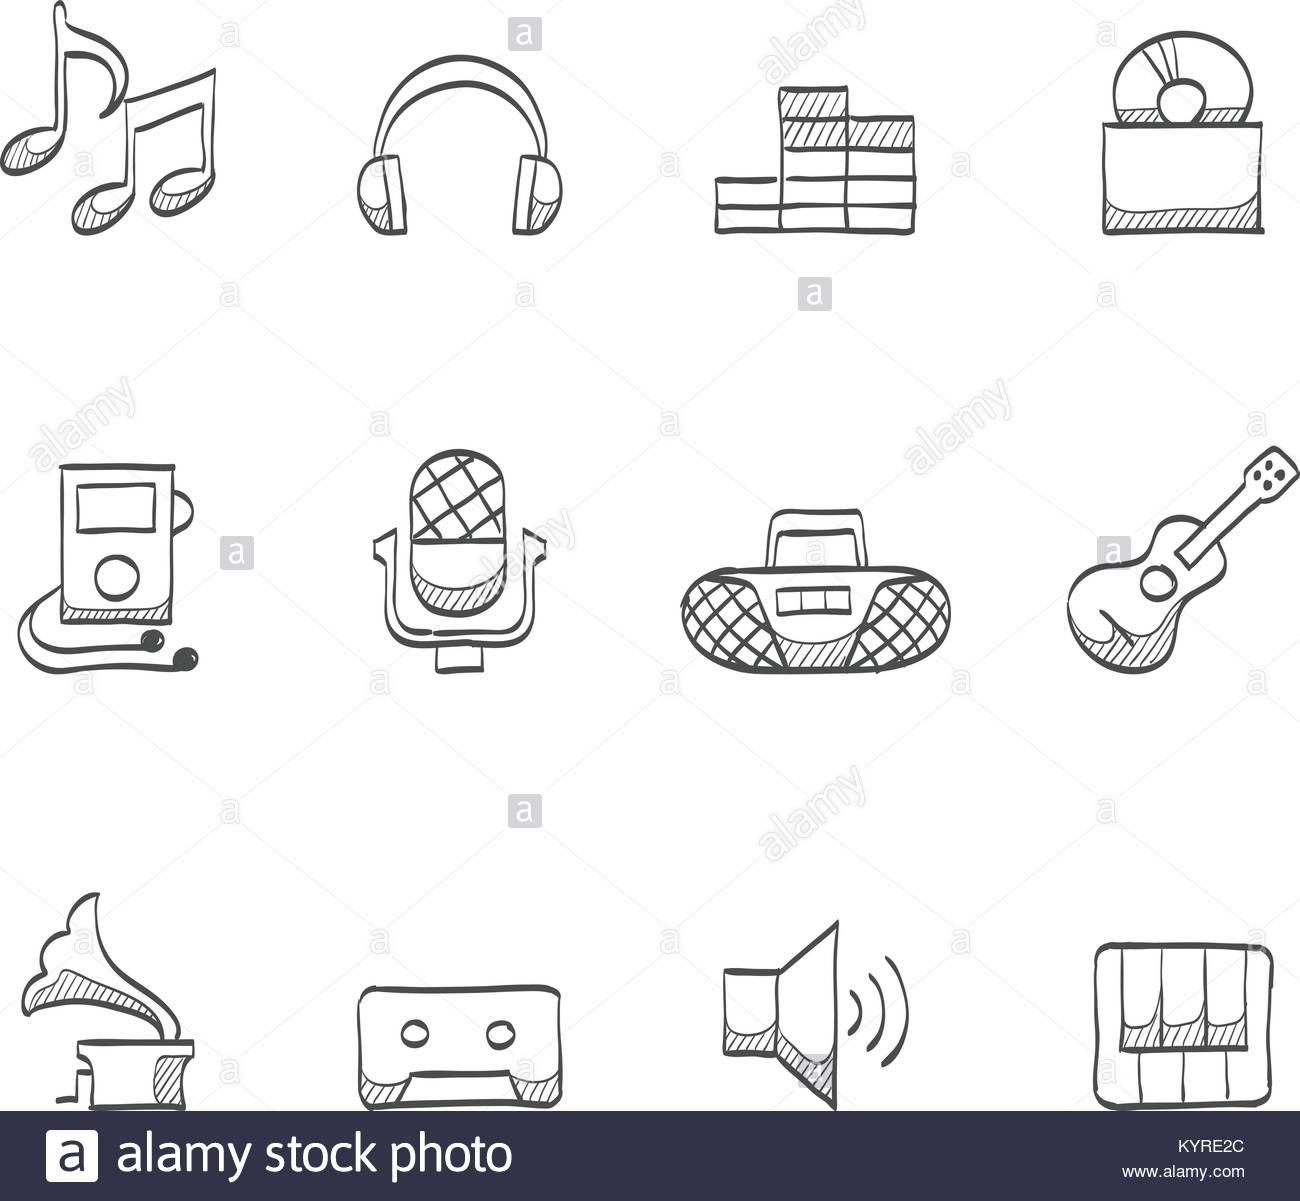 Musik Symbole Musik Symbole Symbole Stockvektor C Orfeev